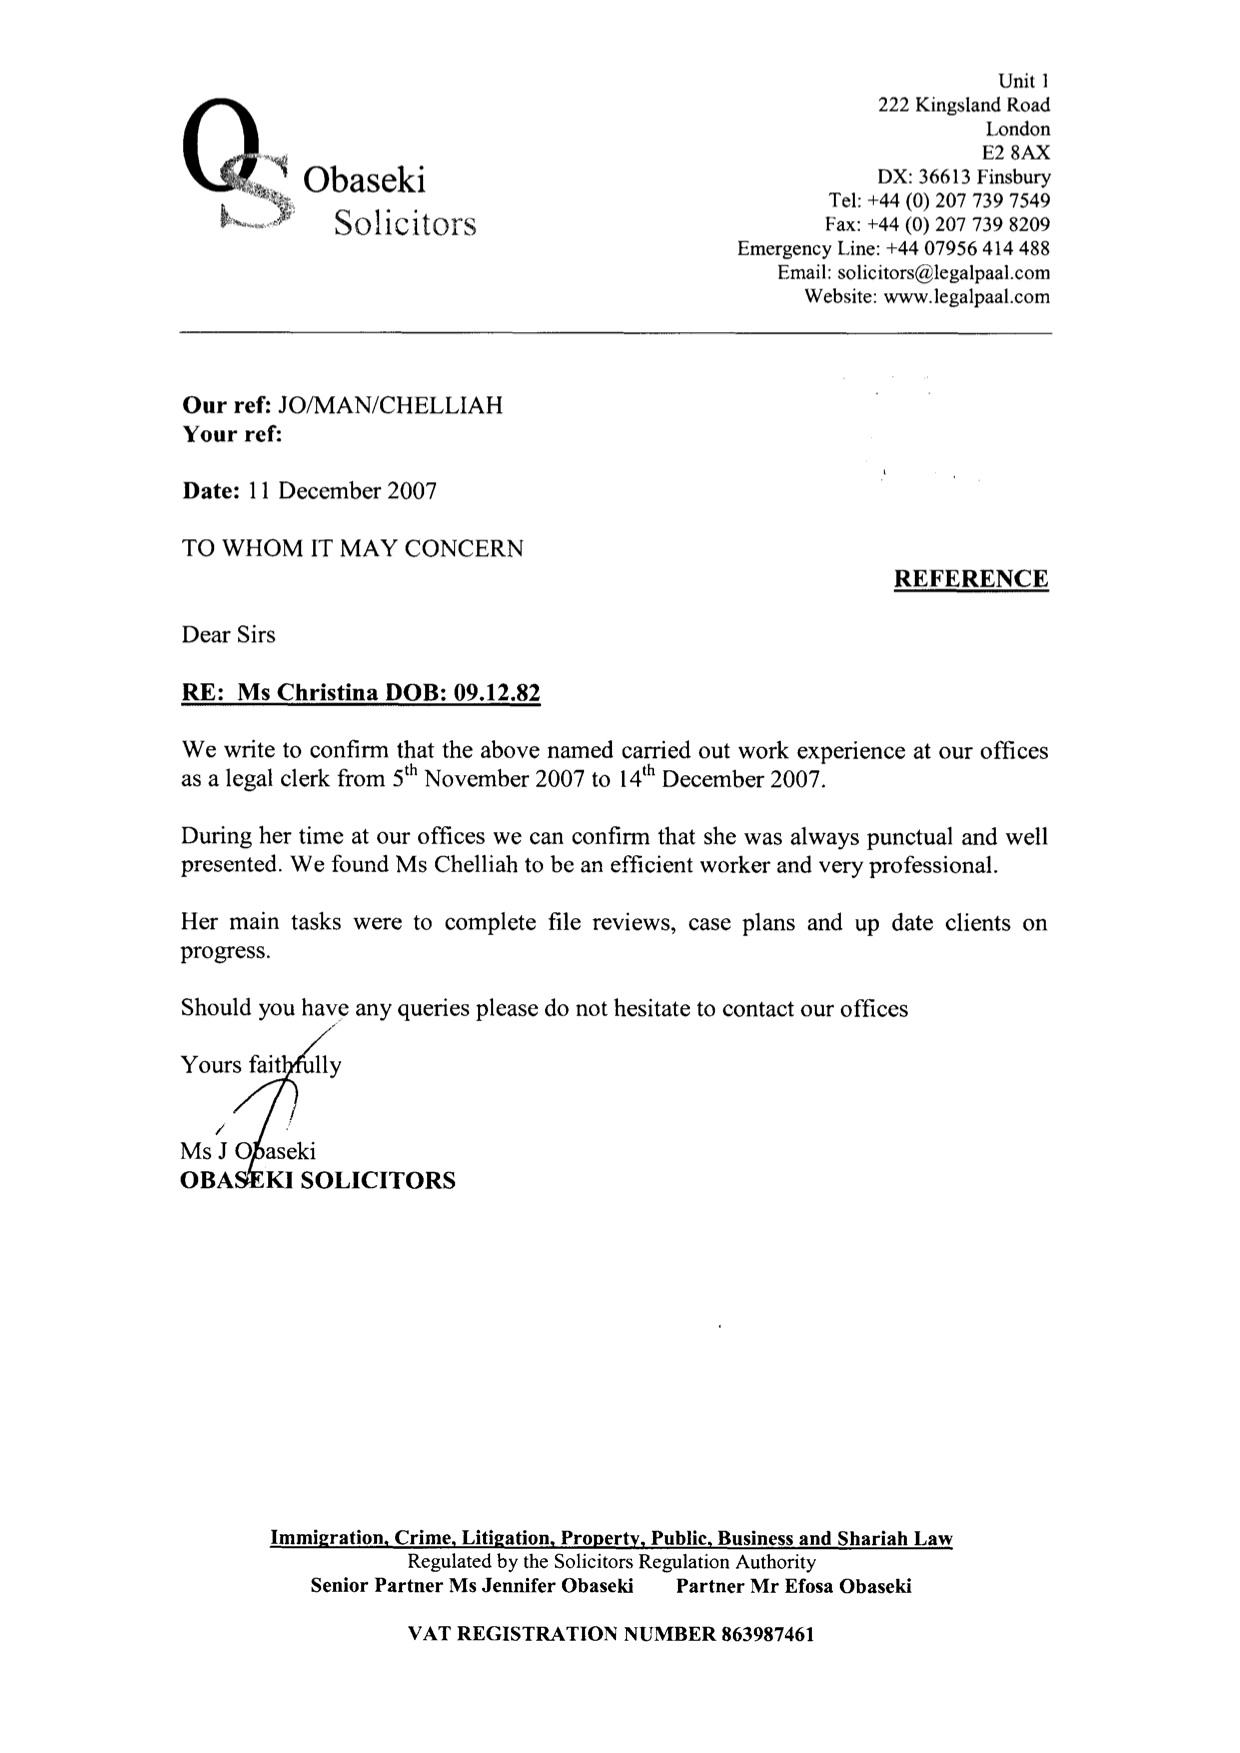 2007 - Legal - Obaseki Solicitors - Reference Letter.jpg